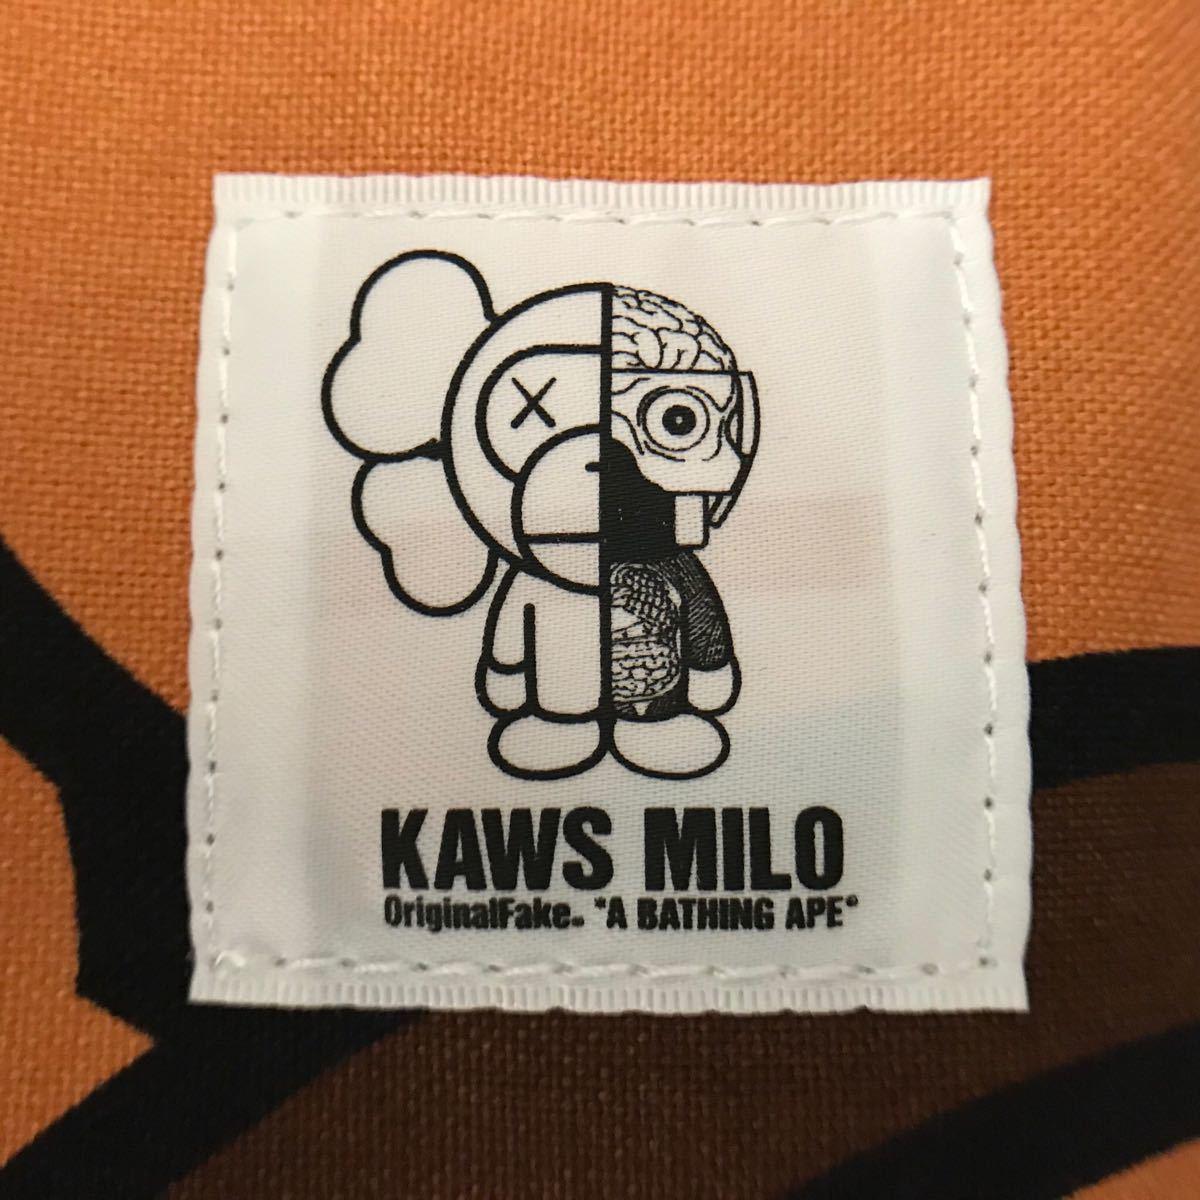 ★新品★ kaws milo 大型 トートバッグ a bathing ape bape カウズ マイロ ベイプ アベイシングエイプ original fake オリジナルフェイク